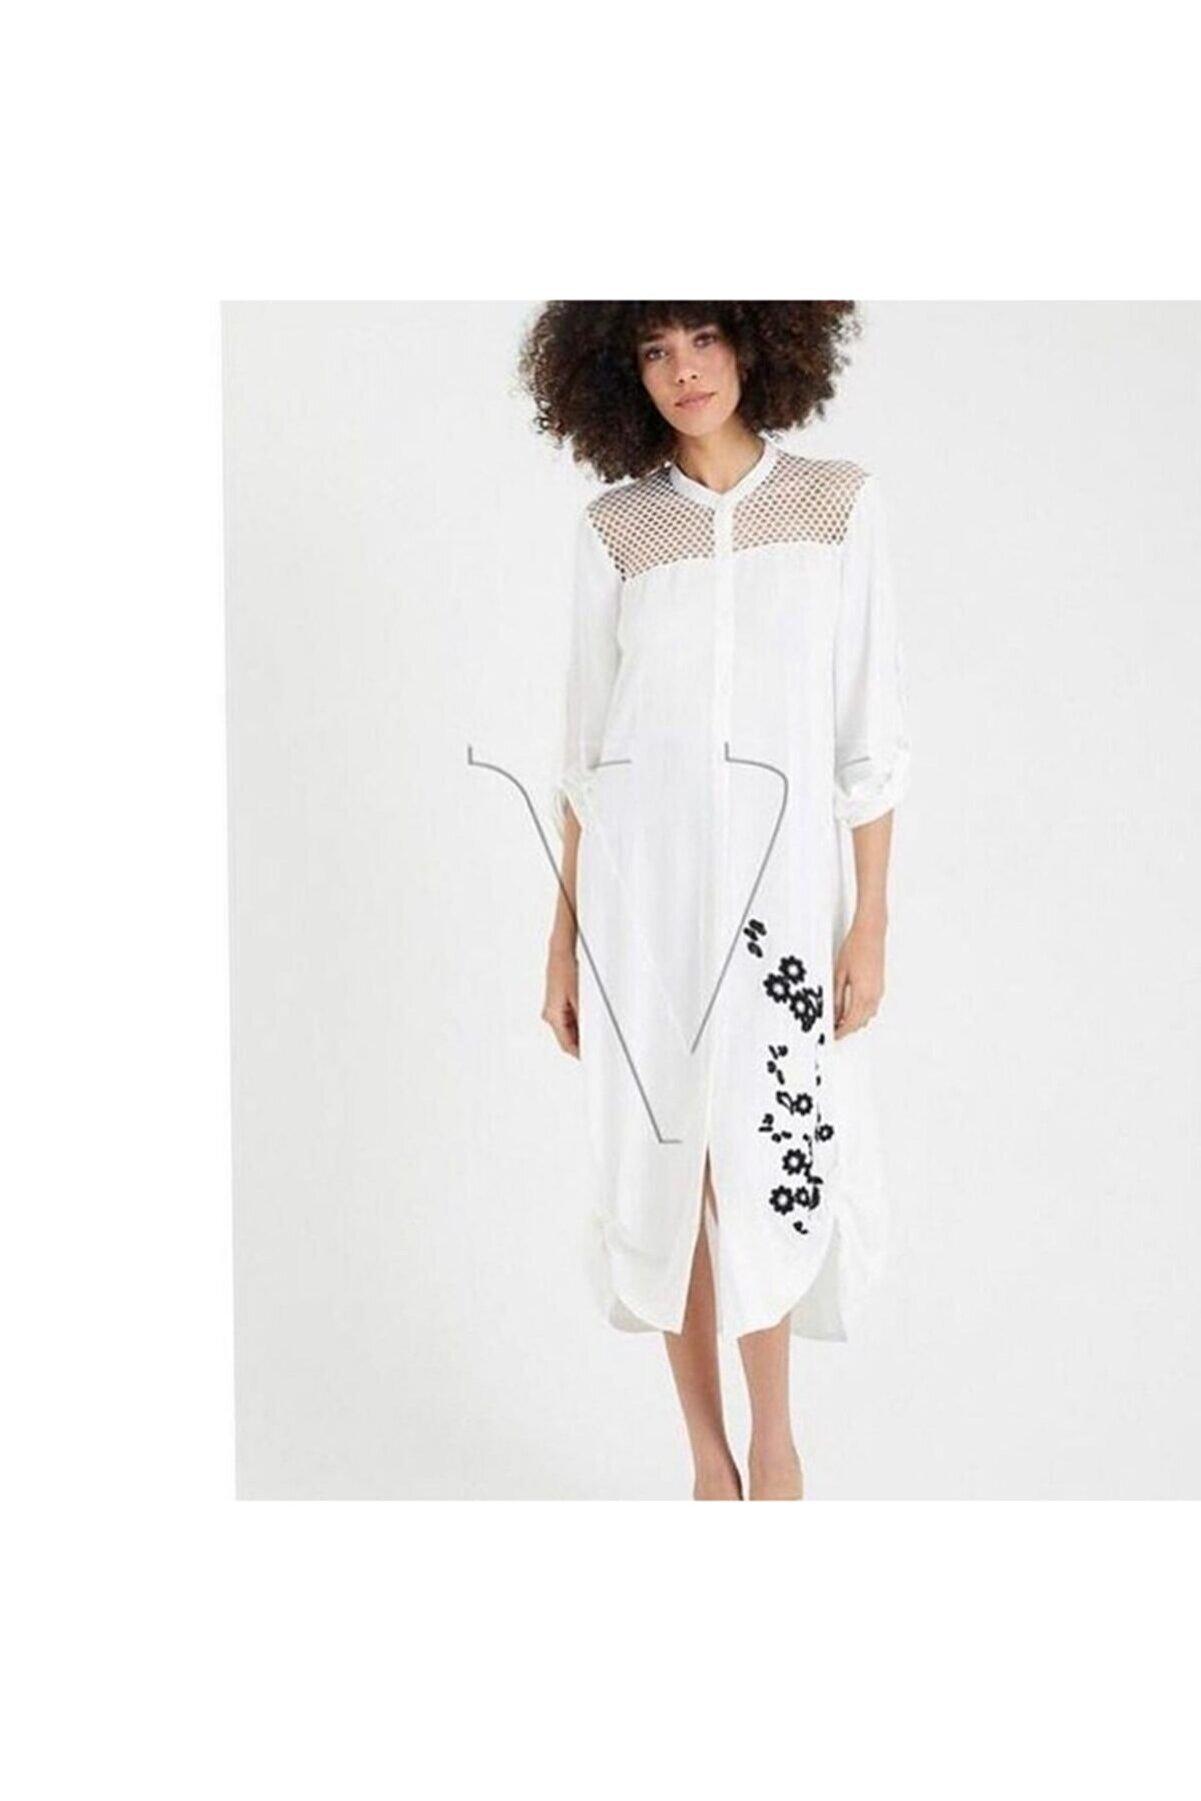 VALE WOMAN Beyaz Önden Dügmeli Nakislı Elbise